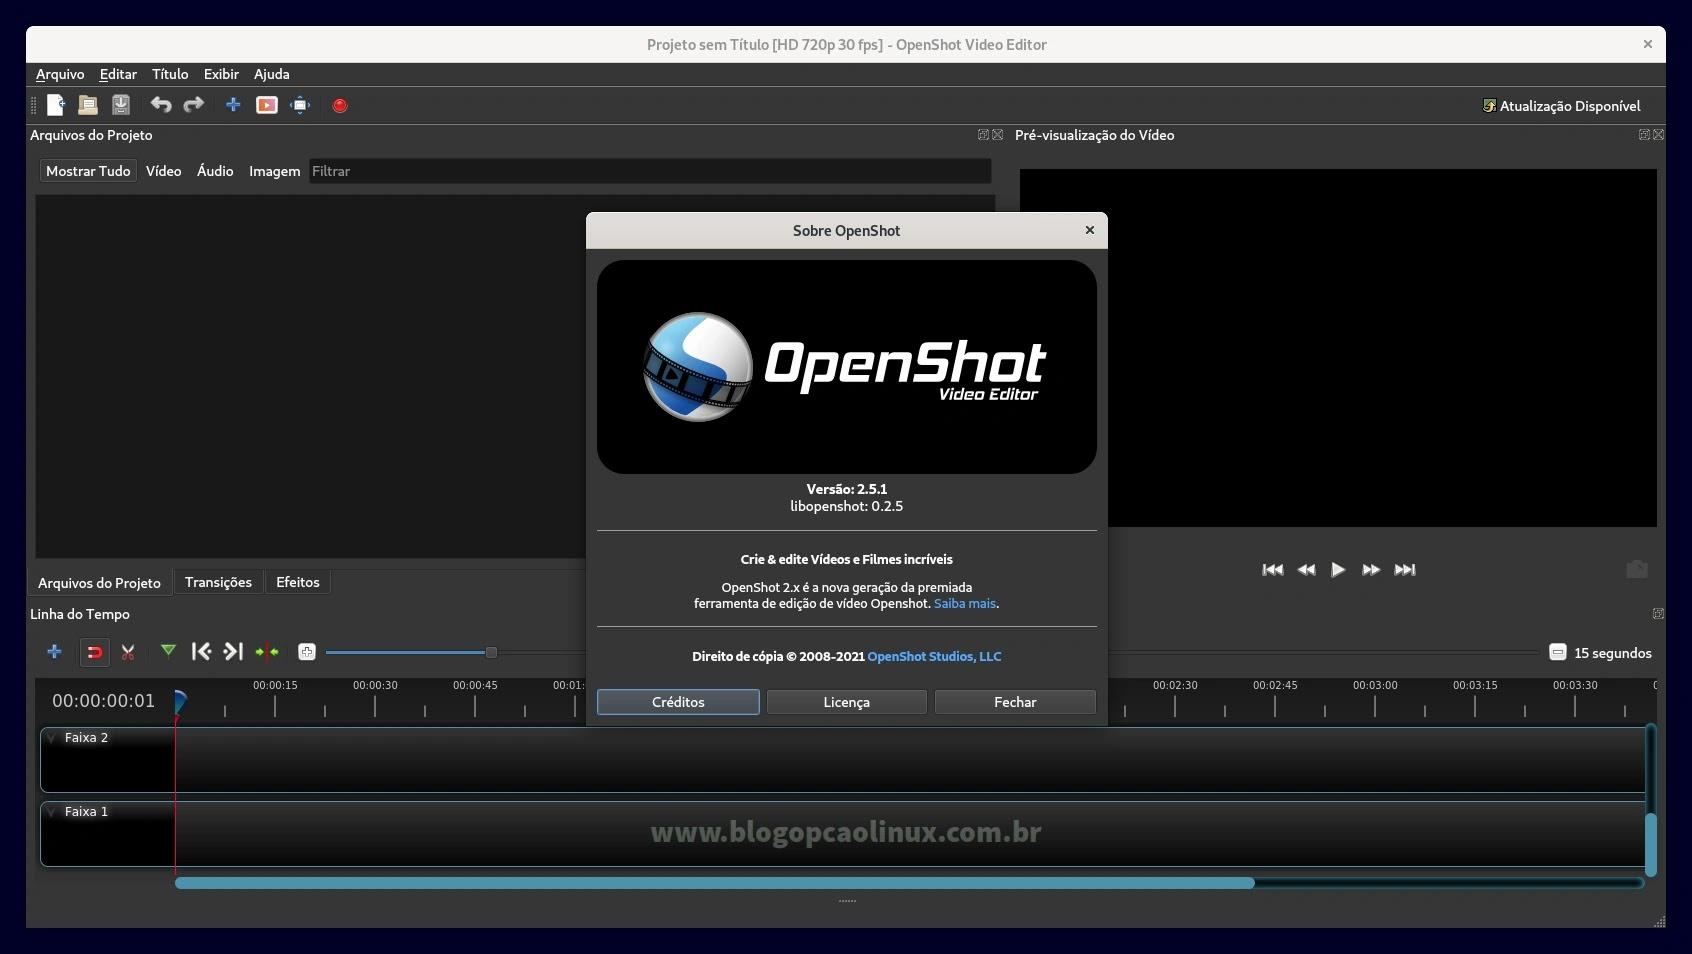 OpenShot executando no Debian 11 Bullseye